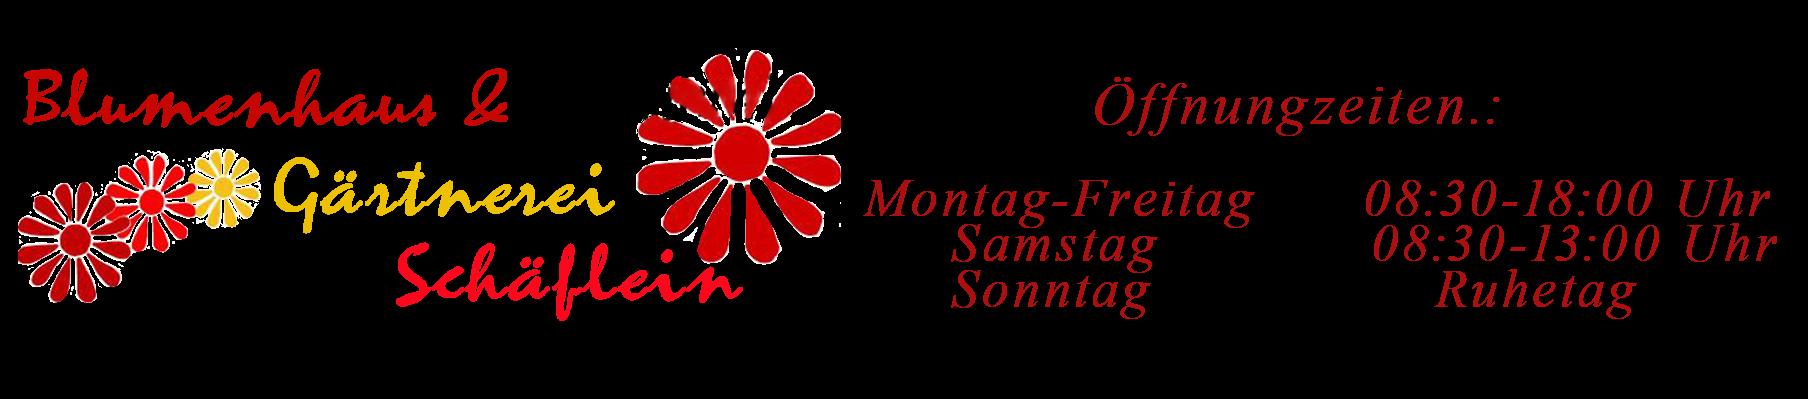 Blumenhaus & Gärtnerei Schäflein